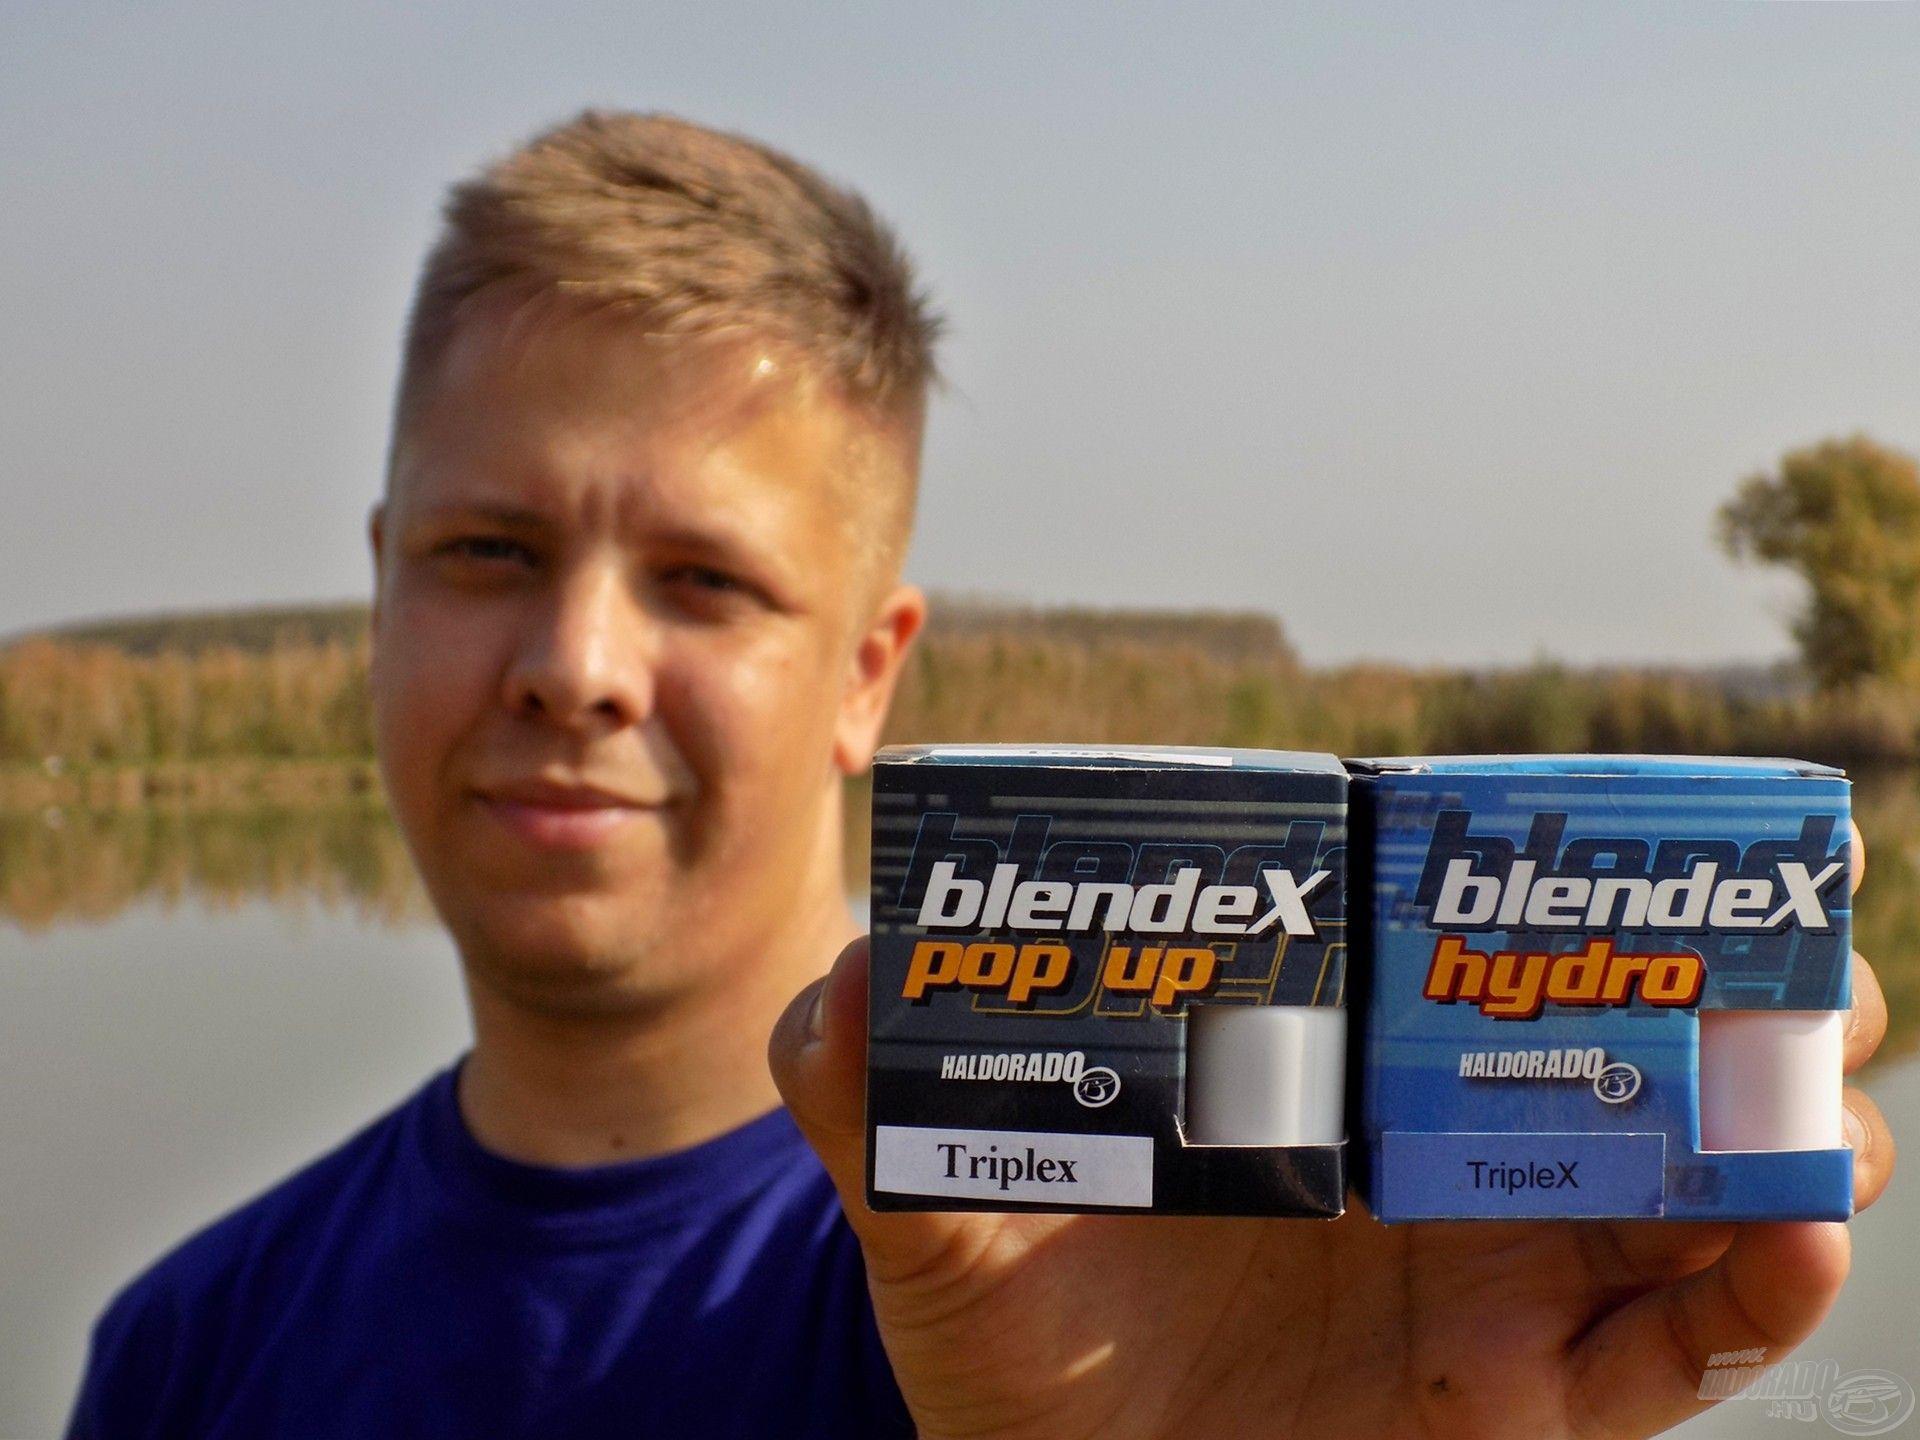 Az új BlendeX - TripleX Pop Up és Hydro csalik engem maximálisan meggyőztek! A halakra nem hat a marketing, ezért valós reakciót tükröz, hogy nagyon könnyen lehetett kapásig-halfogásig eljutni ezzel a csalival, bárhol is tettem próbára